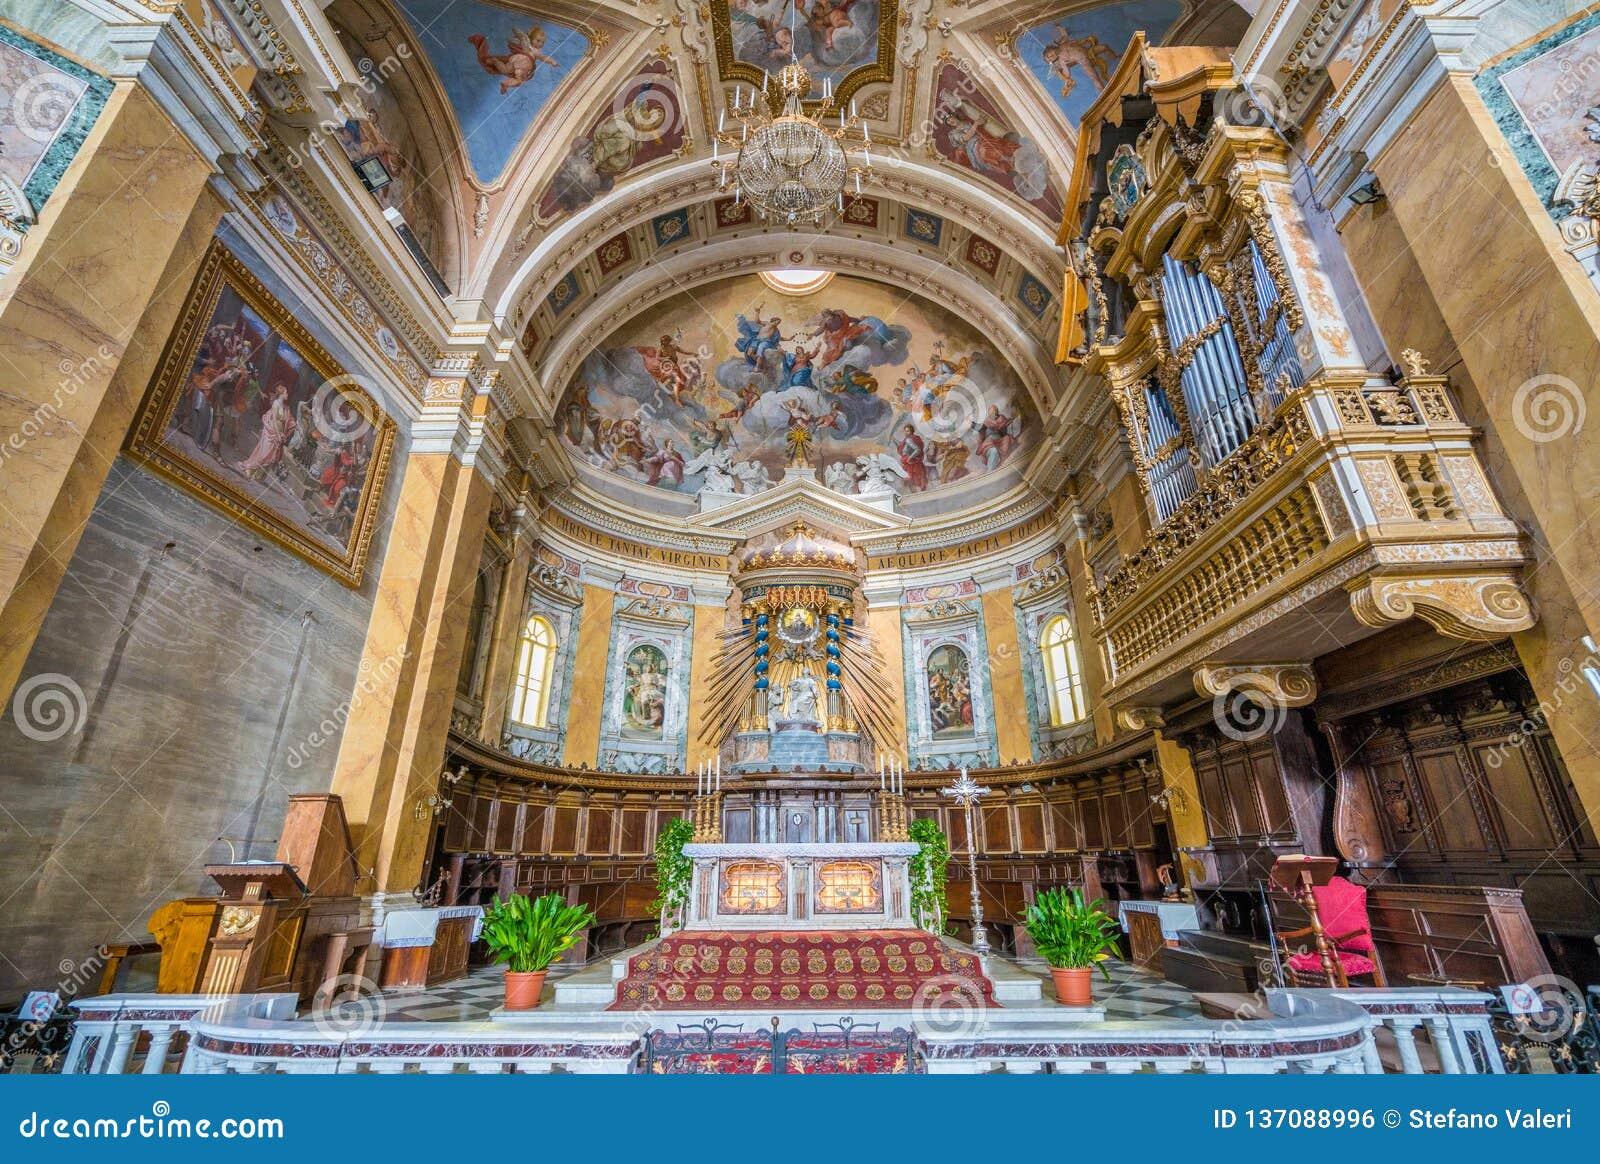 Cathedral Of Santa Maria Assunta. Amelia, Province Of ...